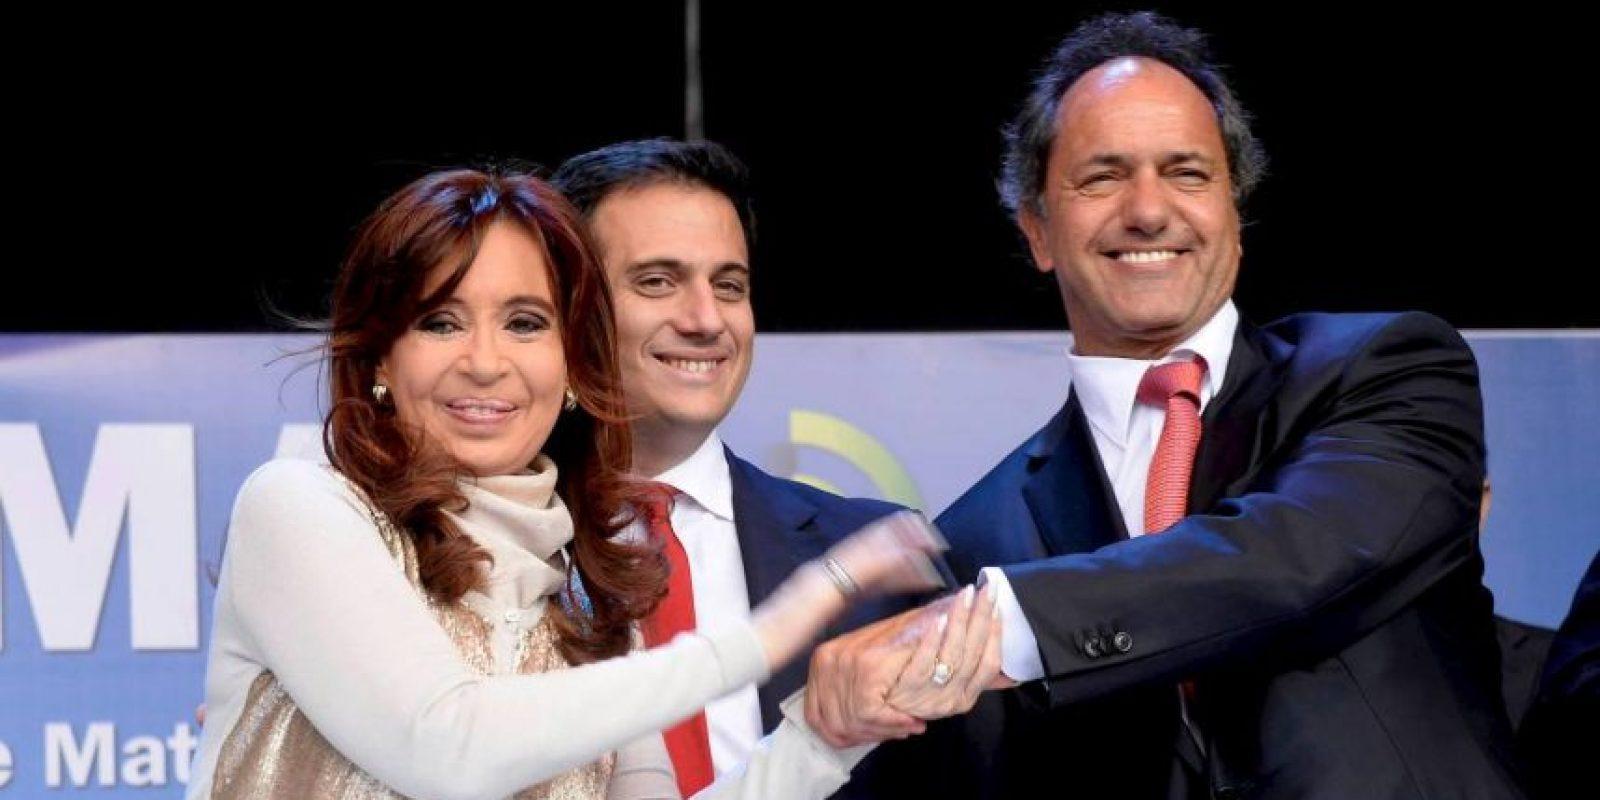 Es gobernador de la provincia de Buenos Aires Foto:Facebook.com/danielsciolioficial